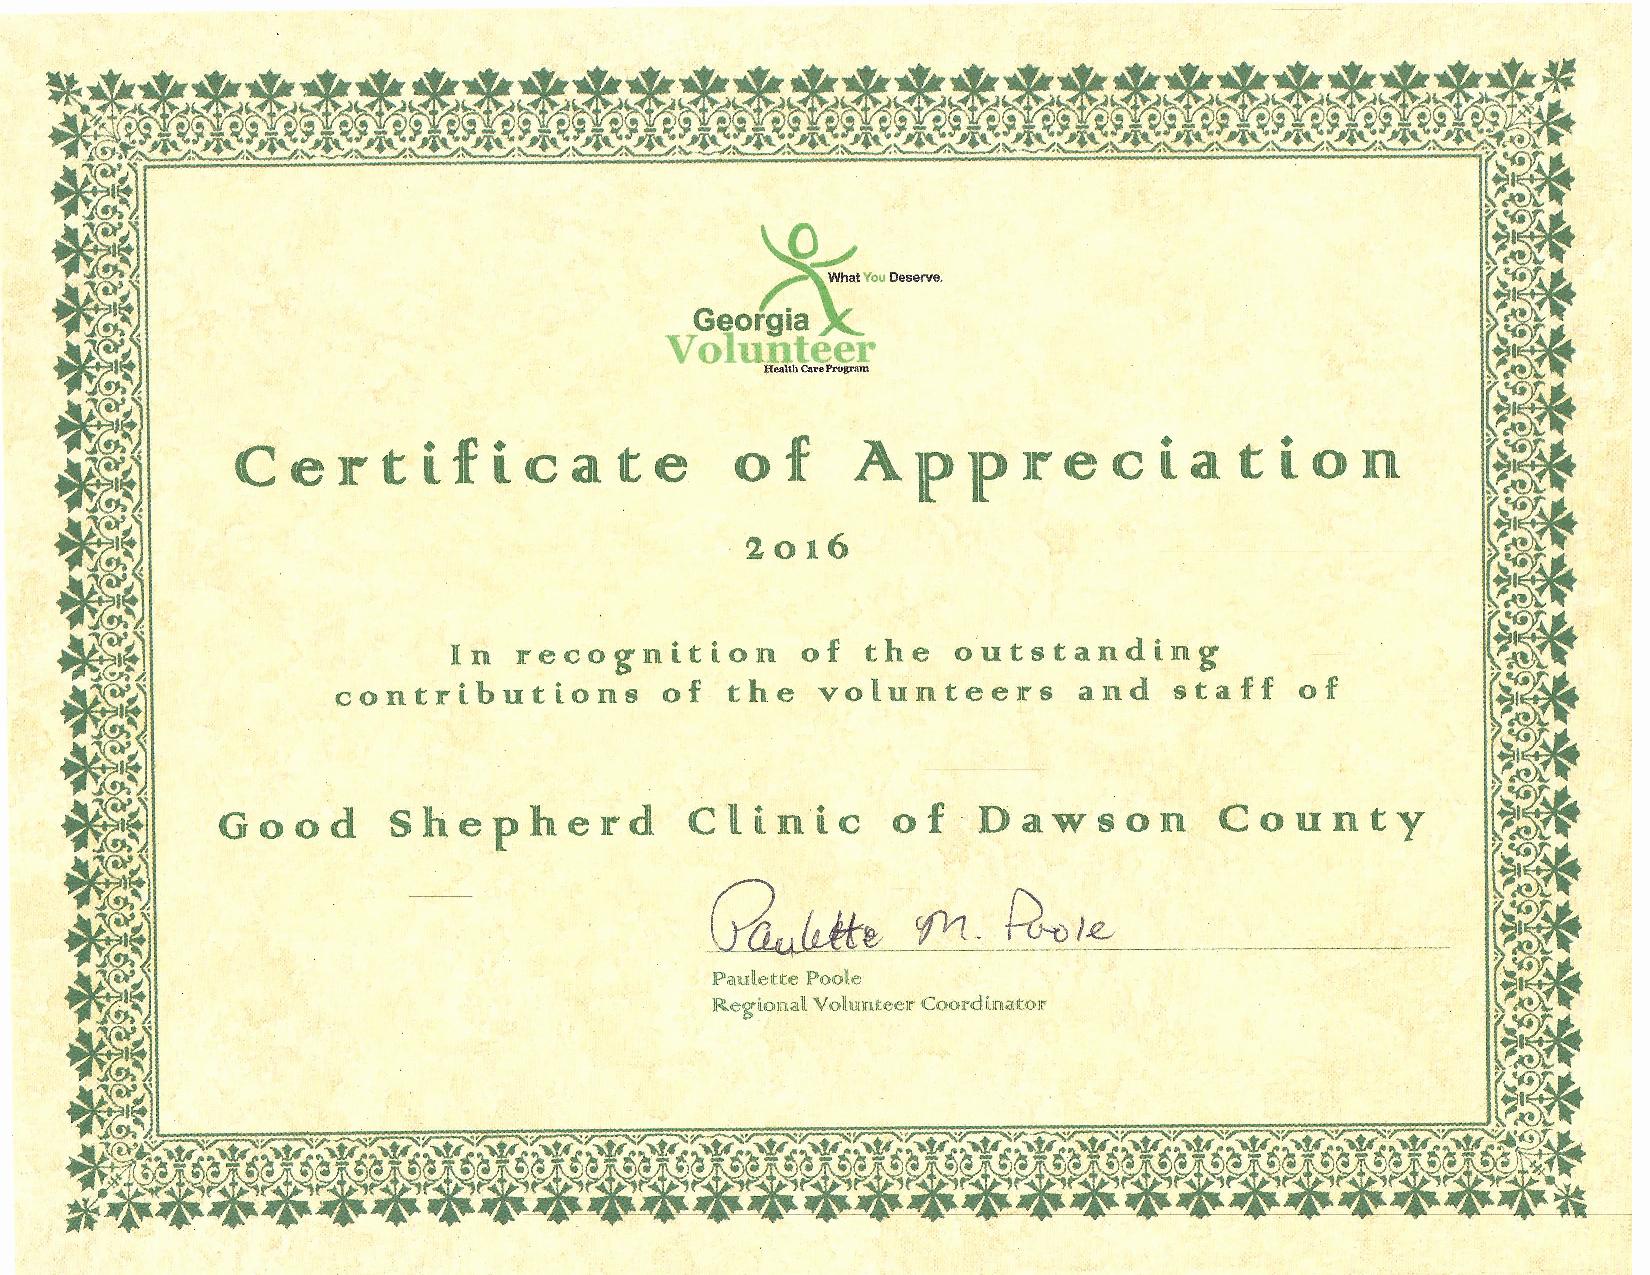 Certificate Of Appreciation for Volunteers Best Of Volunteer the Good Shepherd Clinic